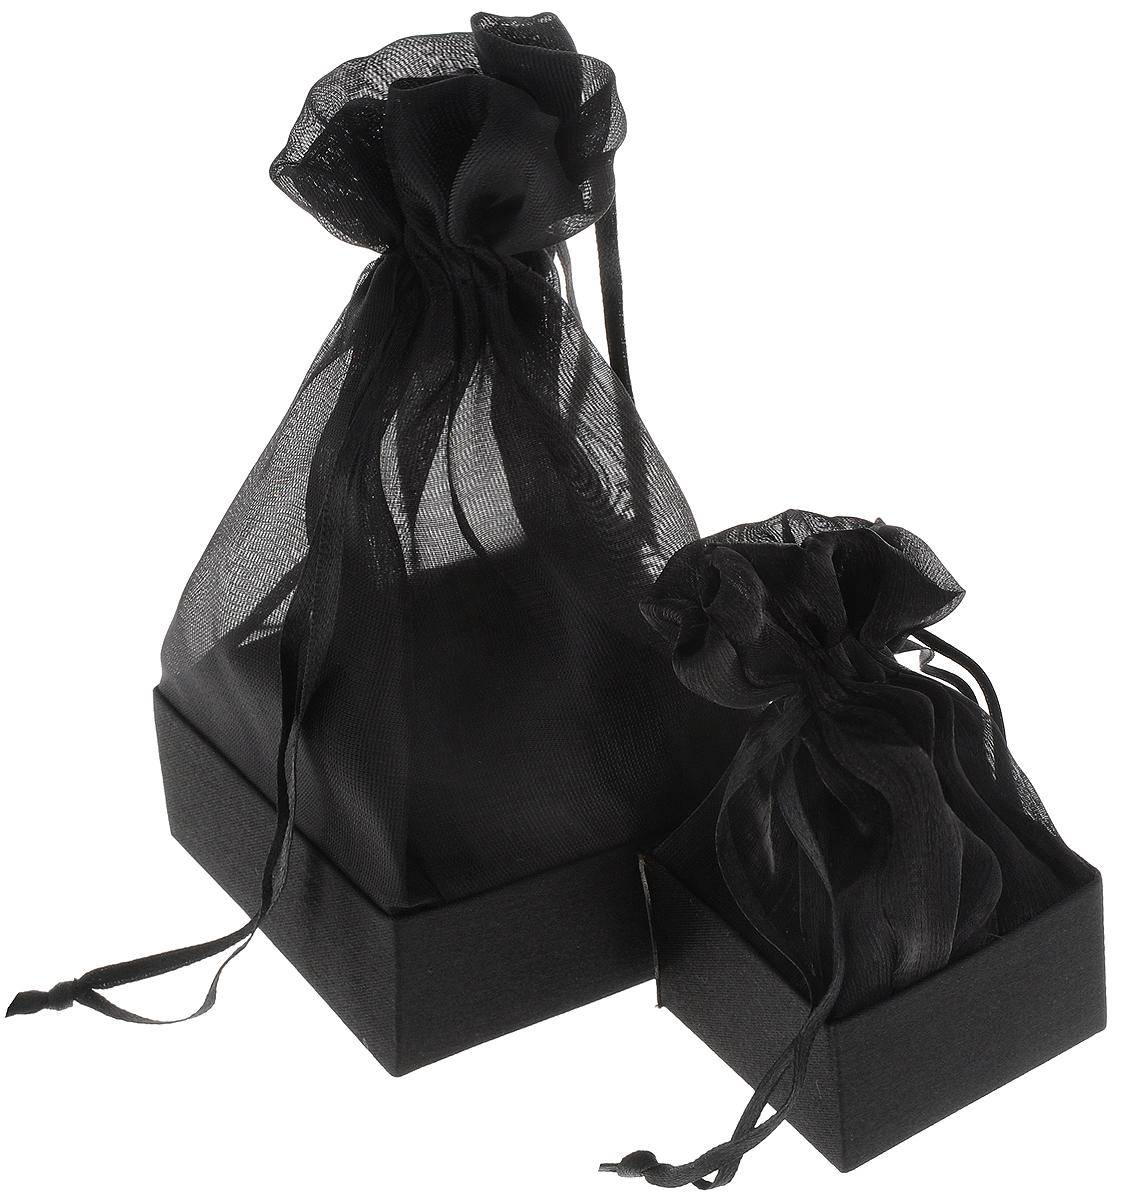 Коробочка для подарка Piovaccari Тиффани, цвет: черный, 7,5 х 7,5 х 16,609840-20.000.00Коробочка для подарка ТИФФАНИ 7,5 х 7,5 х 16 см, PiovaccariPiovaccari Тиффани станет одним из самых оригинальных вариантов упаковки для подарка. Яркий дизайн будет долго напоминать владельцу о трогательных моментах получения подарка.